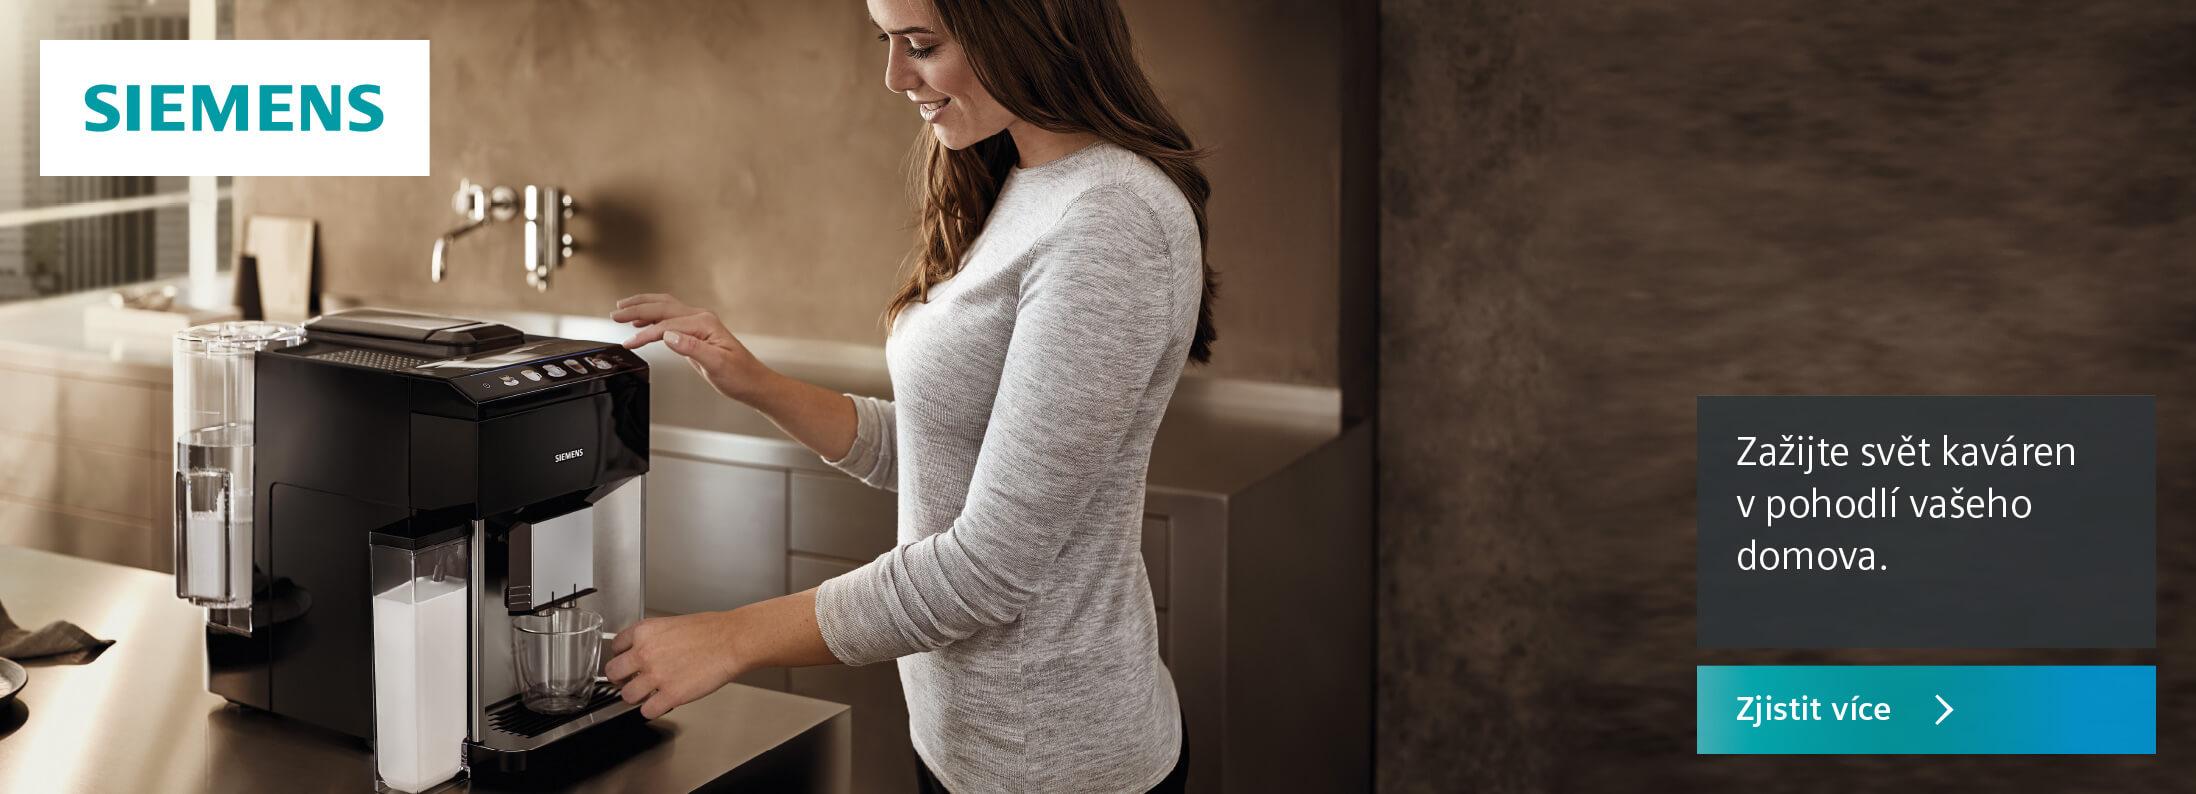 Siemens - Zažíjte svět kaváren v pohodlí vašeho domova